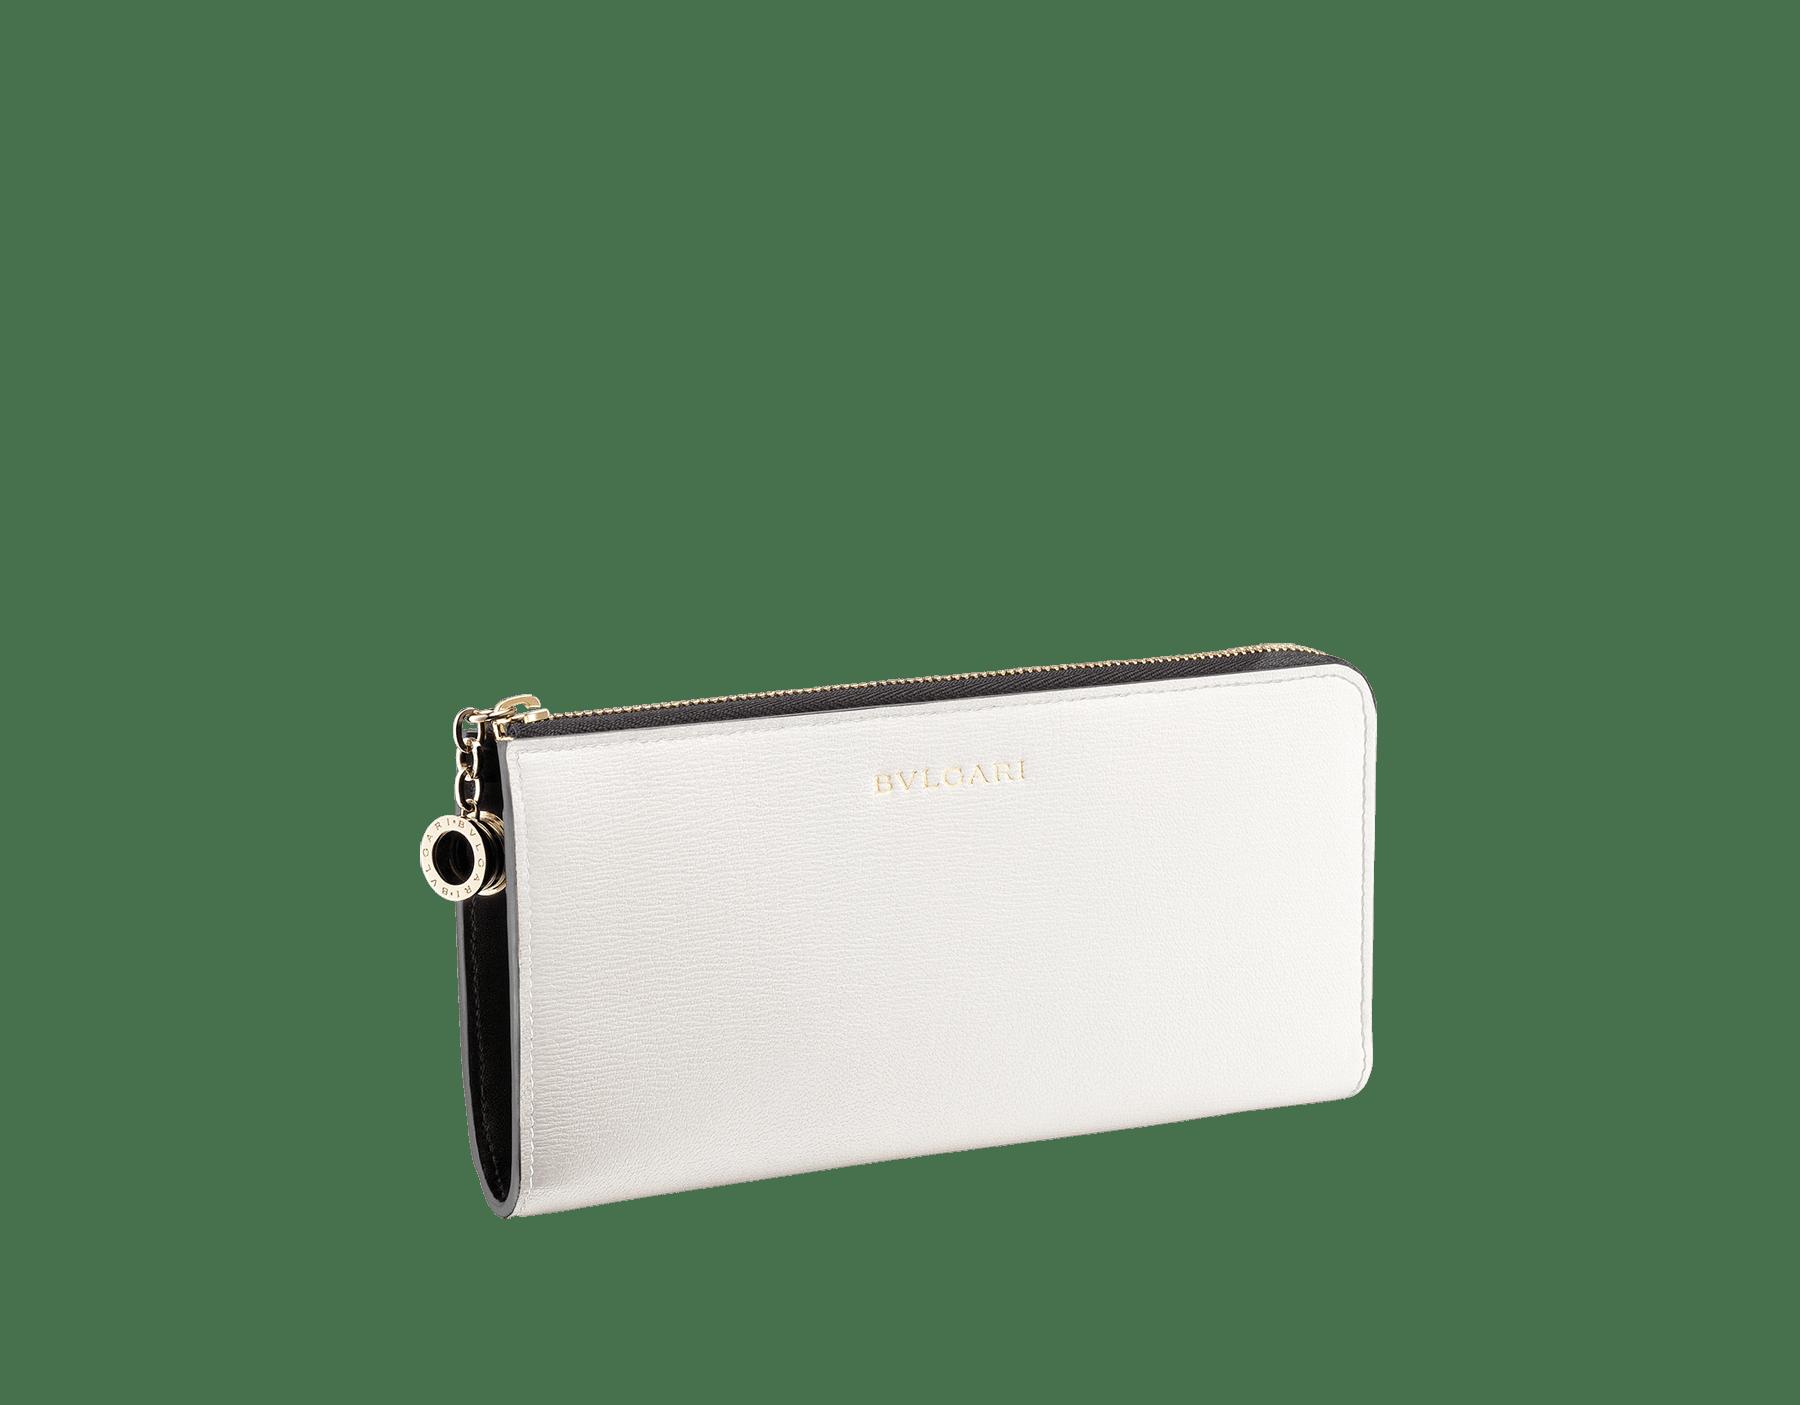 デイジートパーズとタフィークォーツのゴートスキン、およびタフィークォーツのナッパ製「ビー・ゼロワン」L型ジップ付きの財布。ブラスライトゴールドプレートのアイコニックな「ビー・ゼロワン」ロゴのジッププラー。 BZA-WLT-MZP-SLIM-L image 2